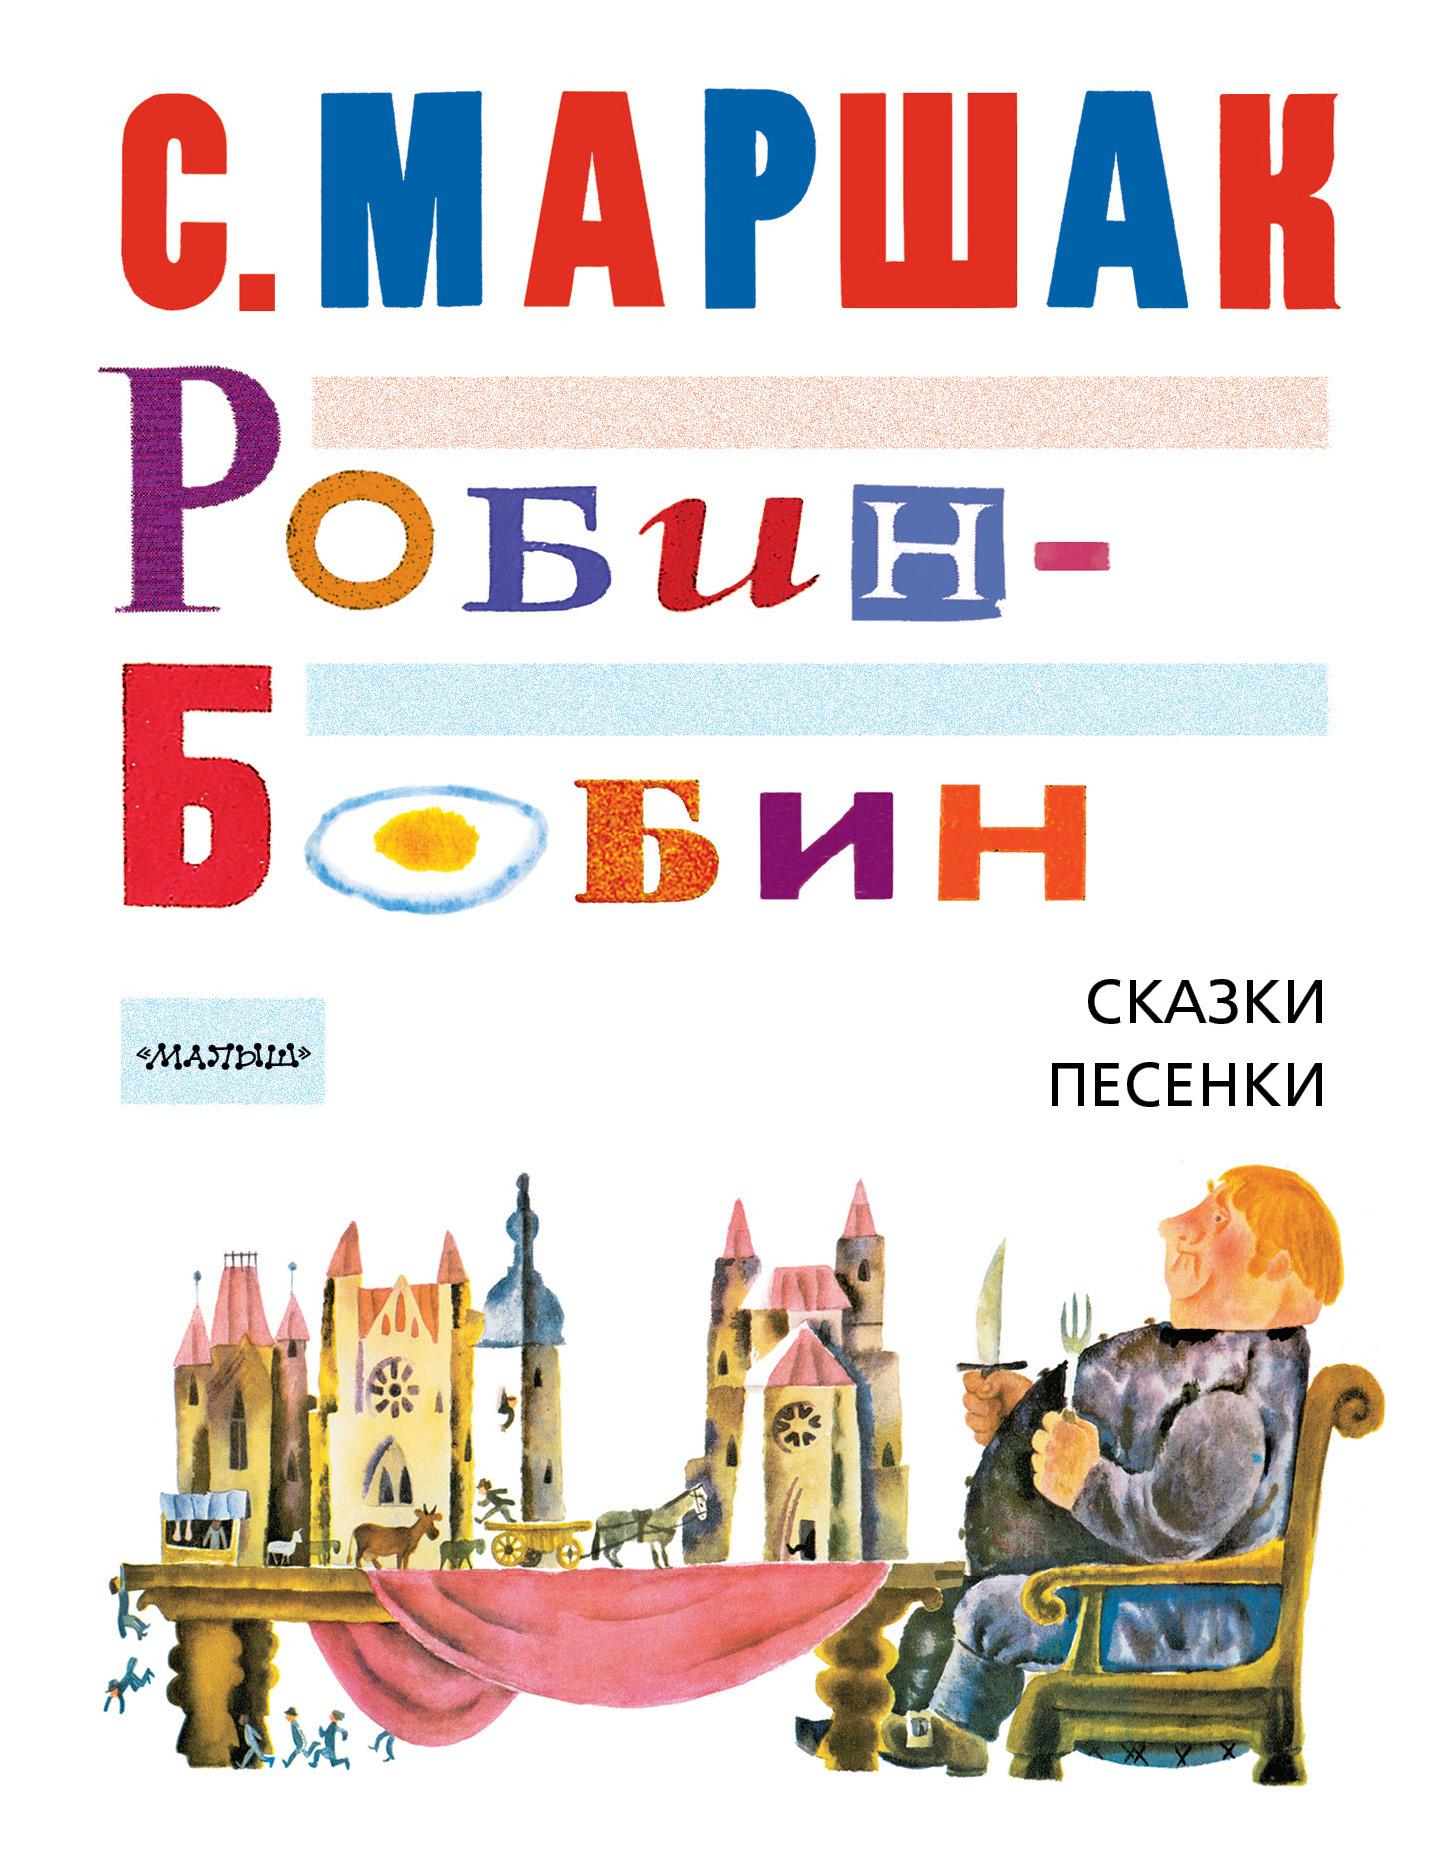 С. Маршак Робин-Бобин. Сказки, чешские и английские песенки, сказка-пьеса